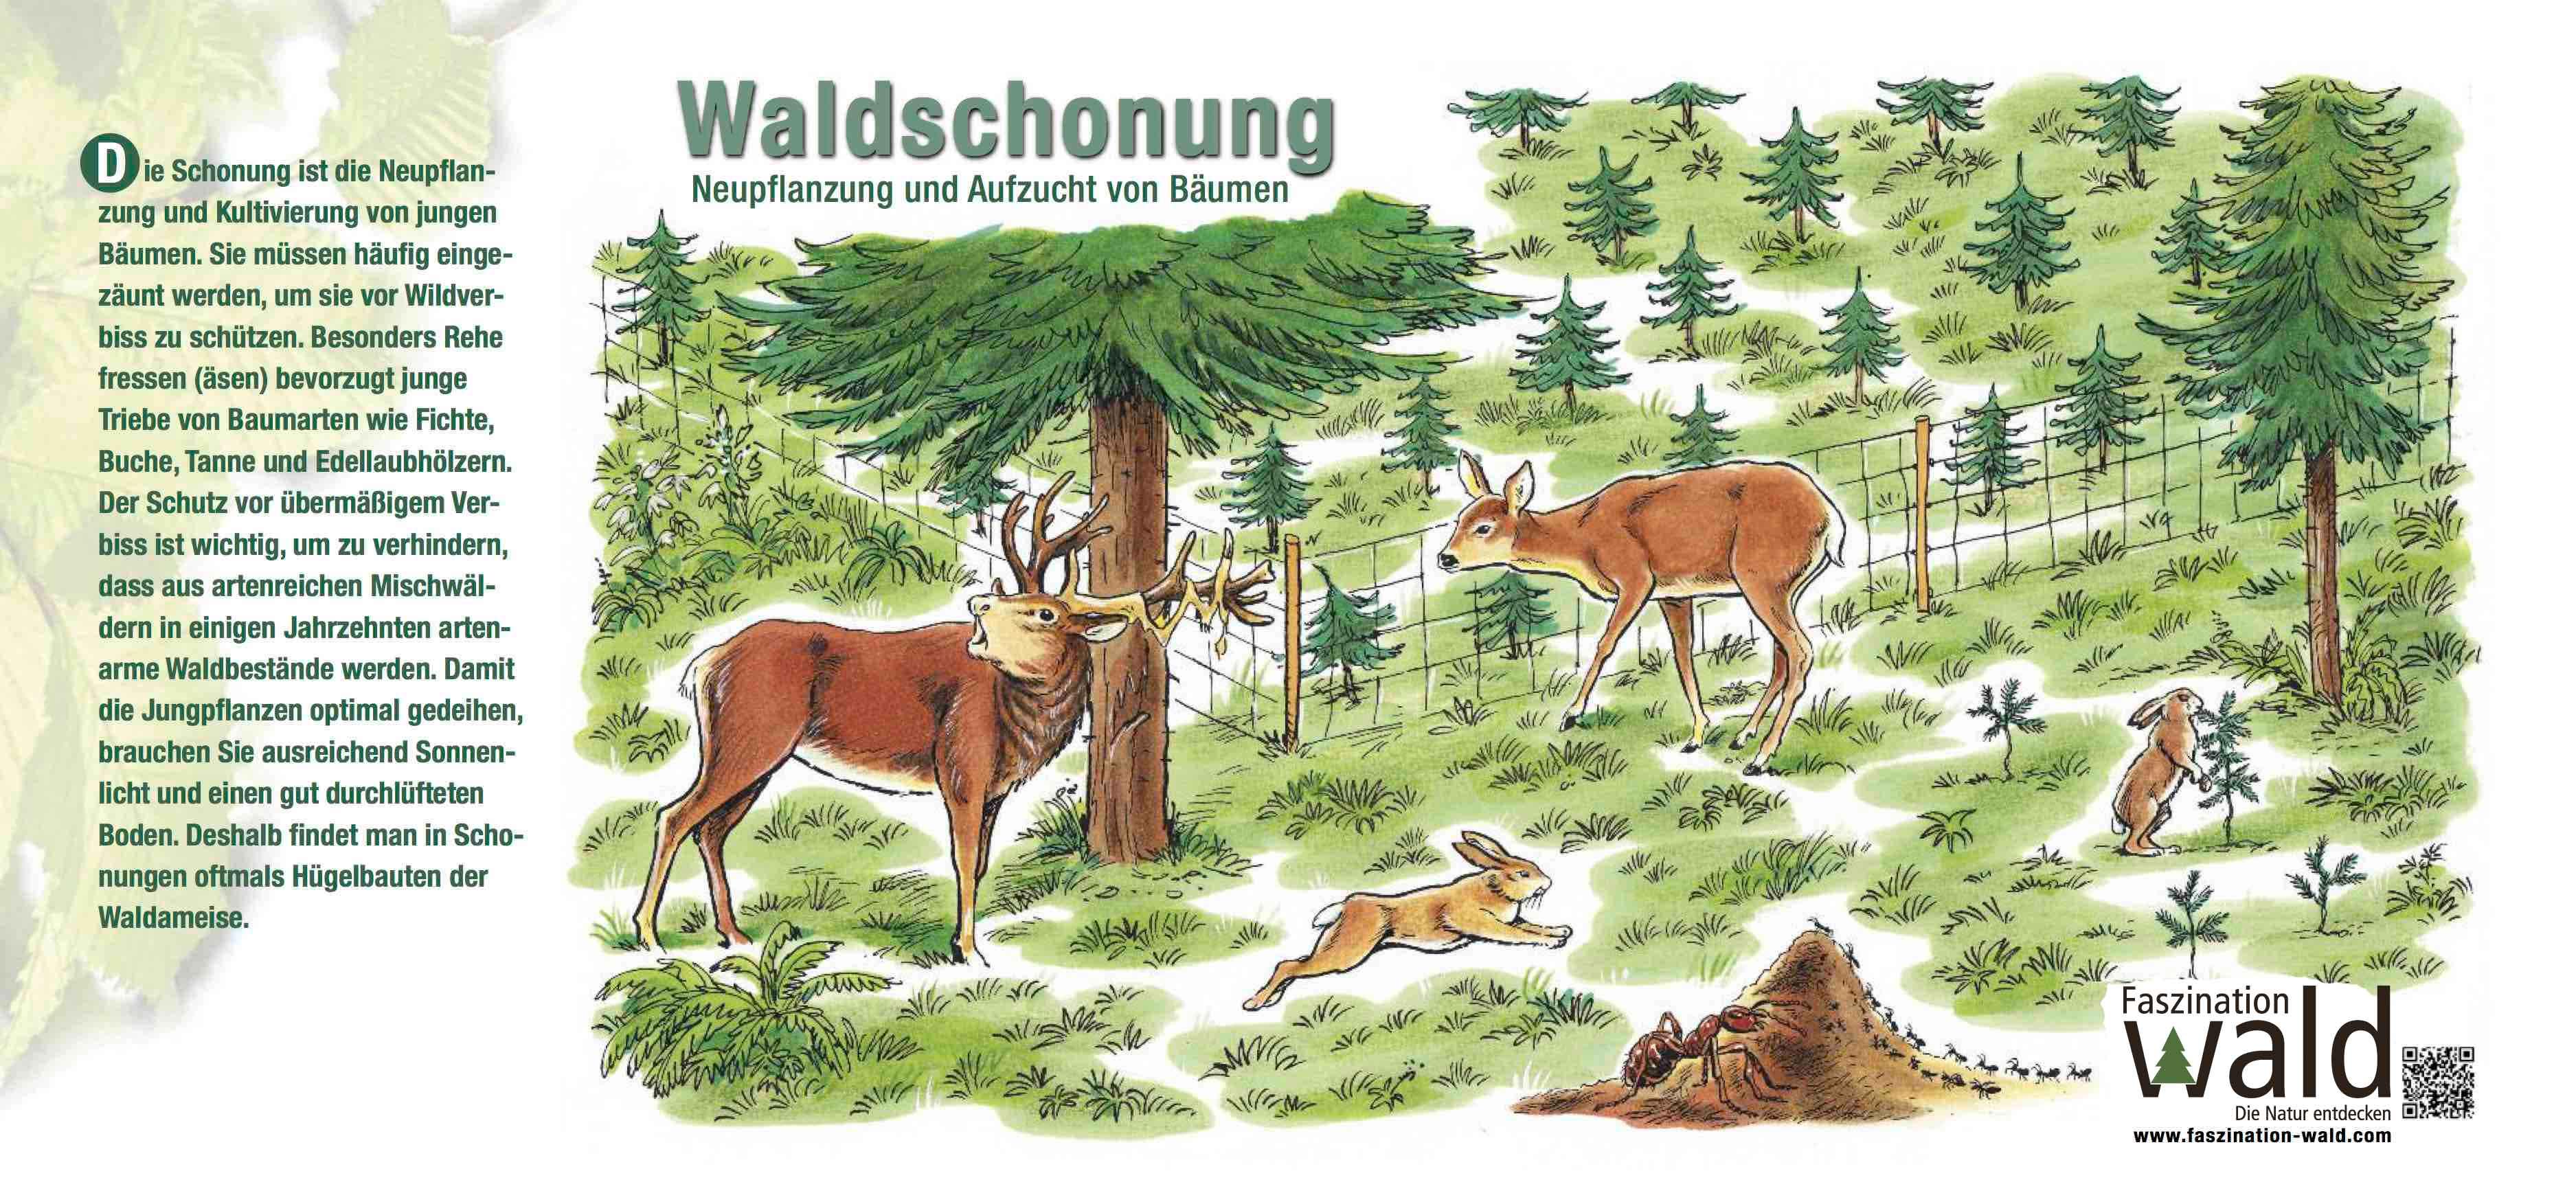 Waldschonung